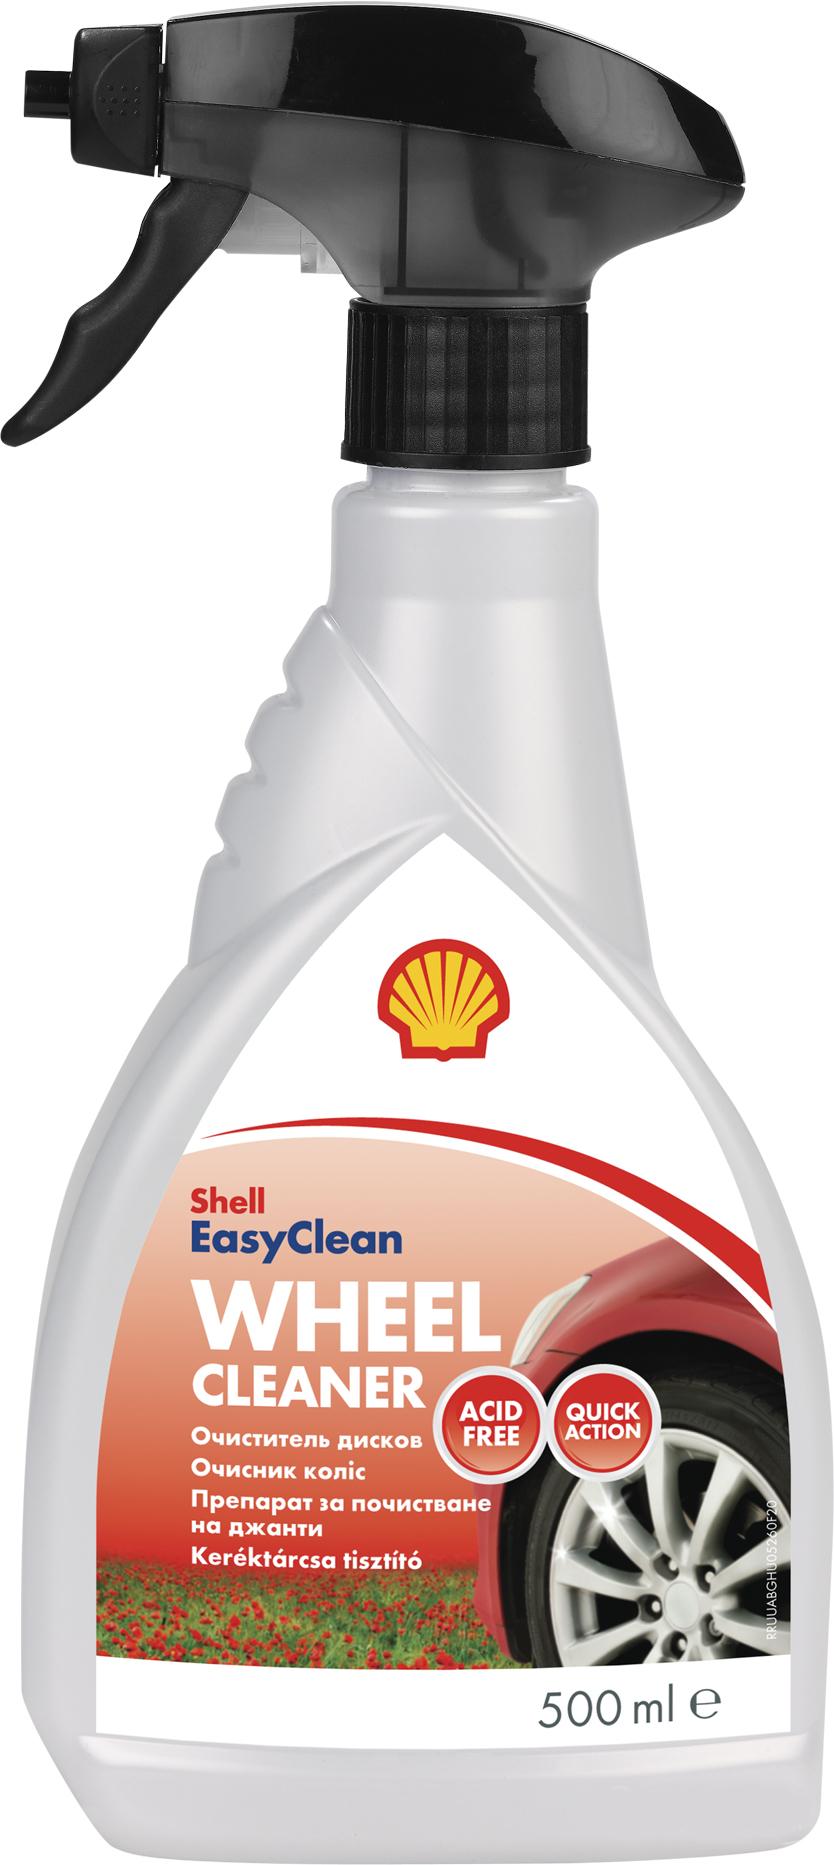 Shell Wheel Cleaner Спрей очиститель колесных дисков автомобилей